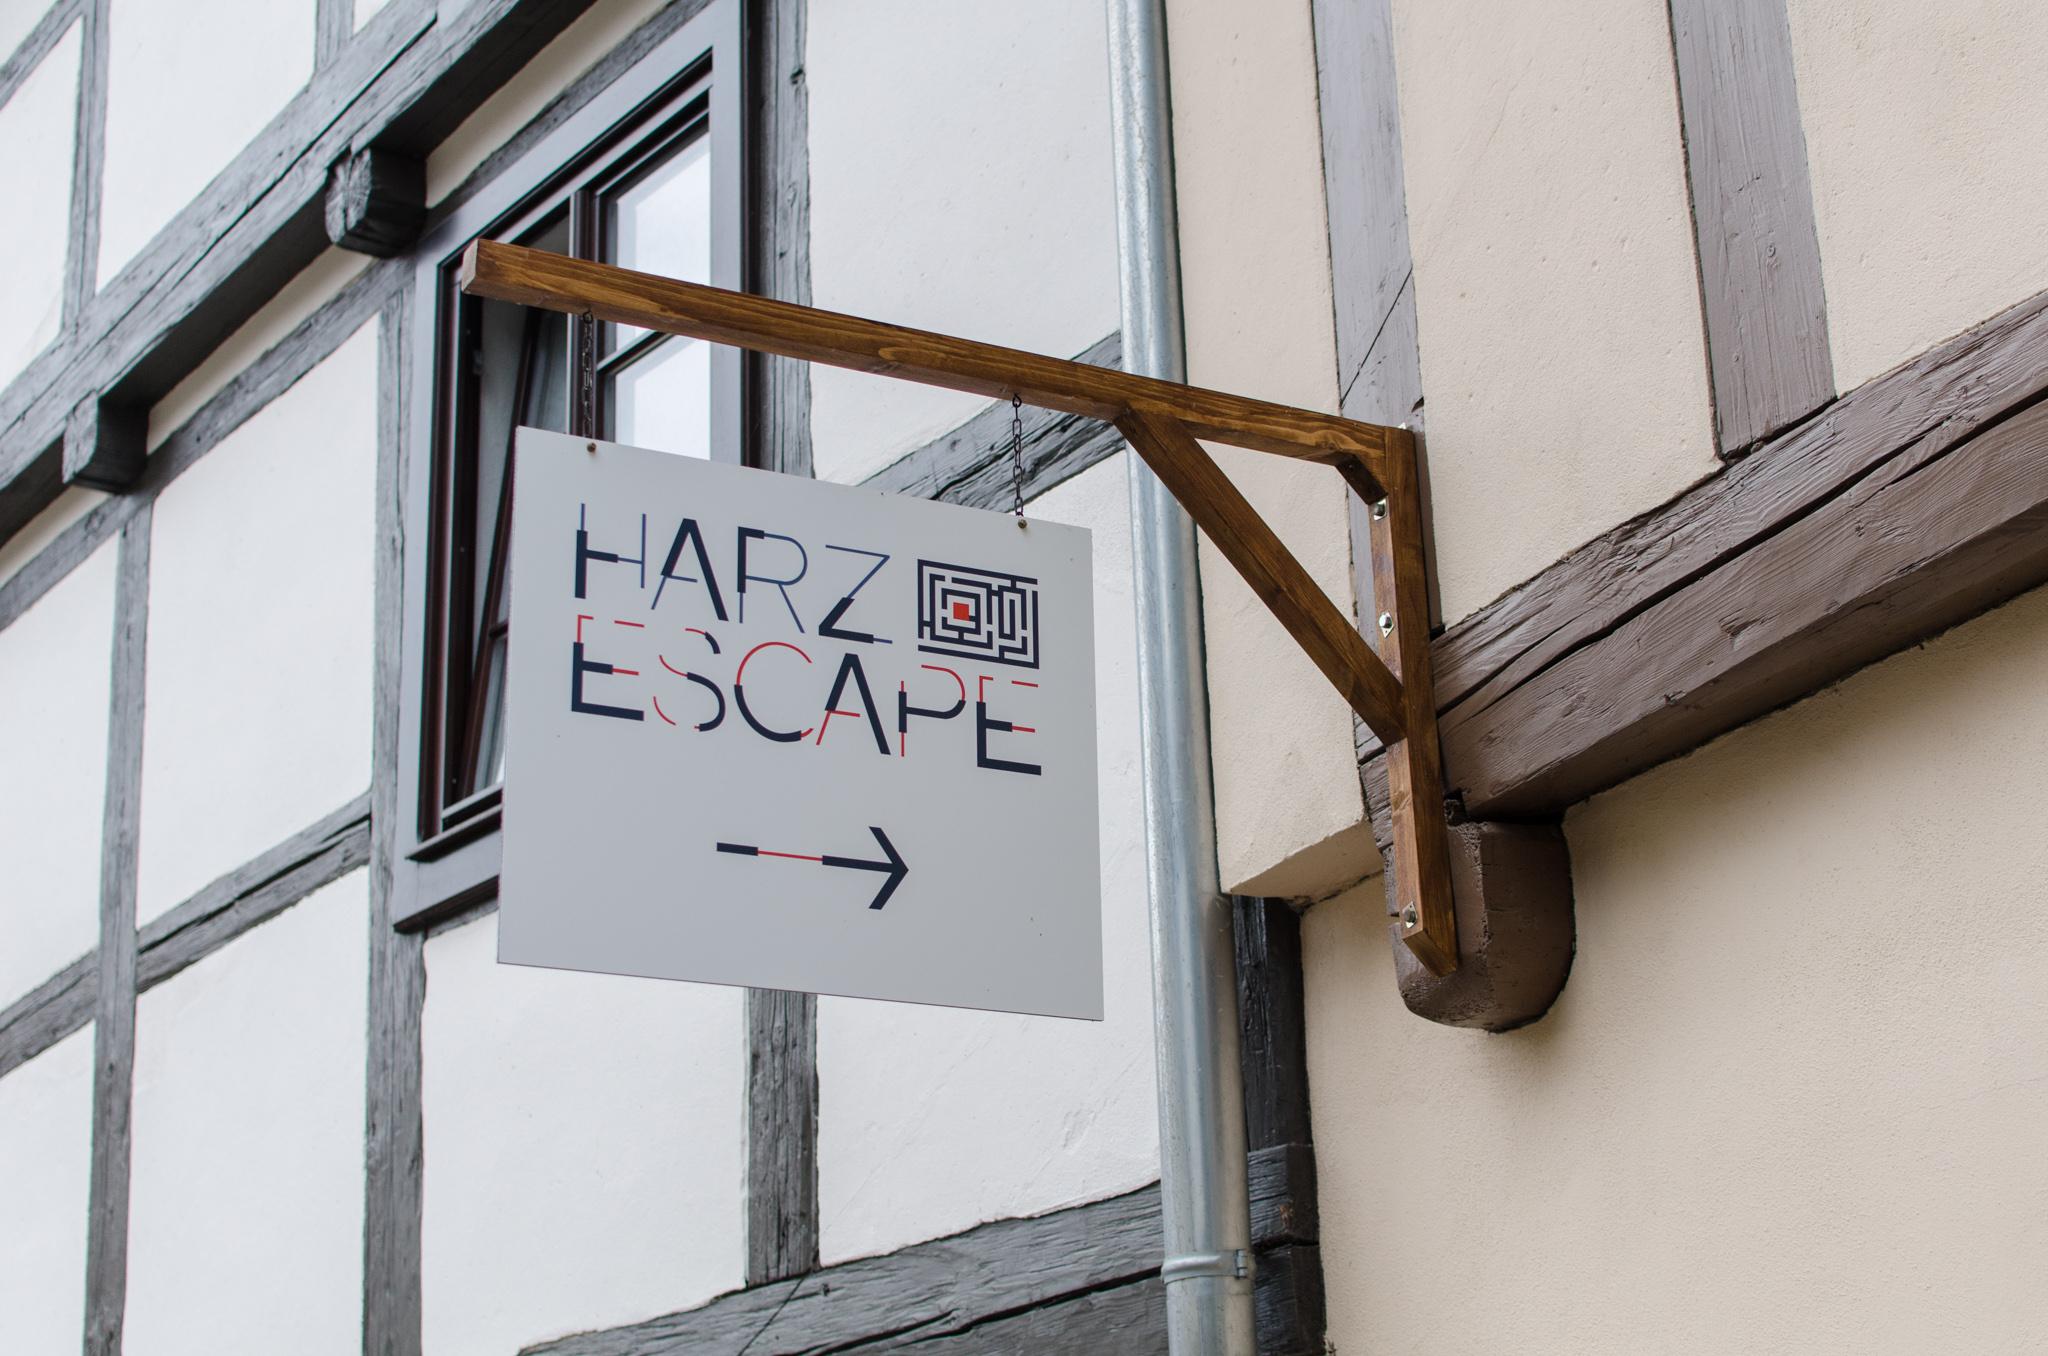 Harz Escape / Eingangsbereich